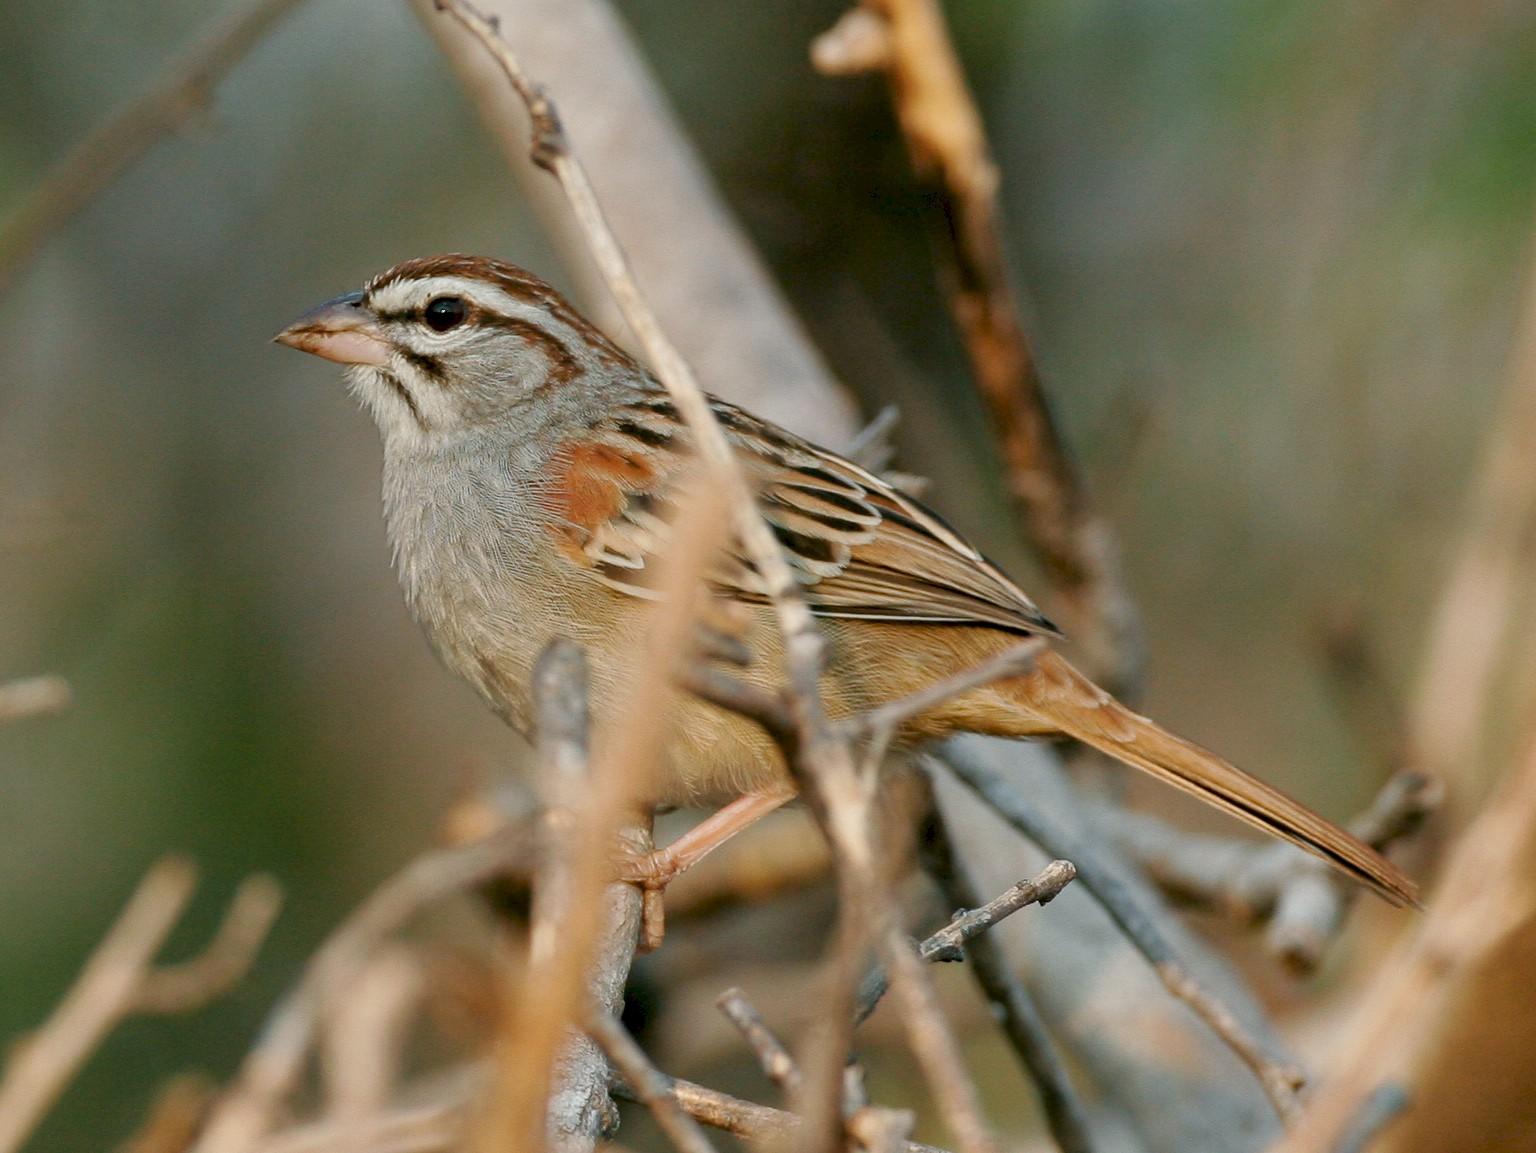 Cinnamon-tailed Sparrow - Chris Wood